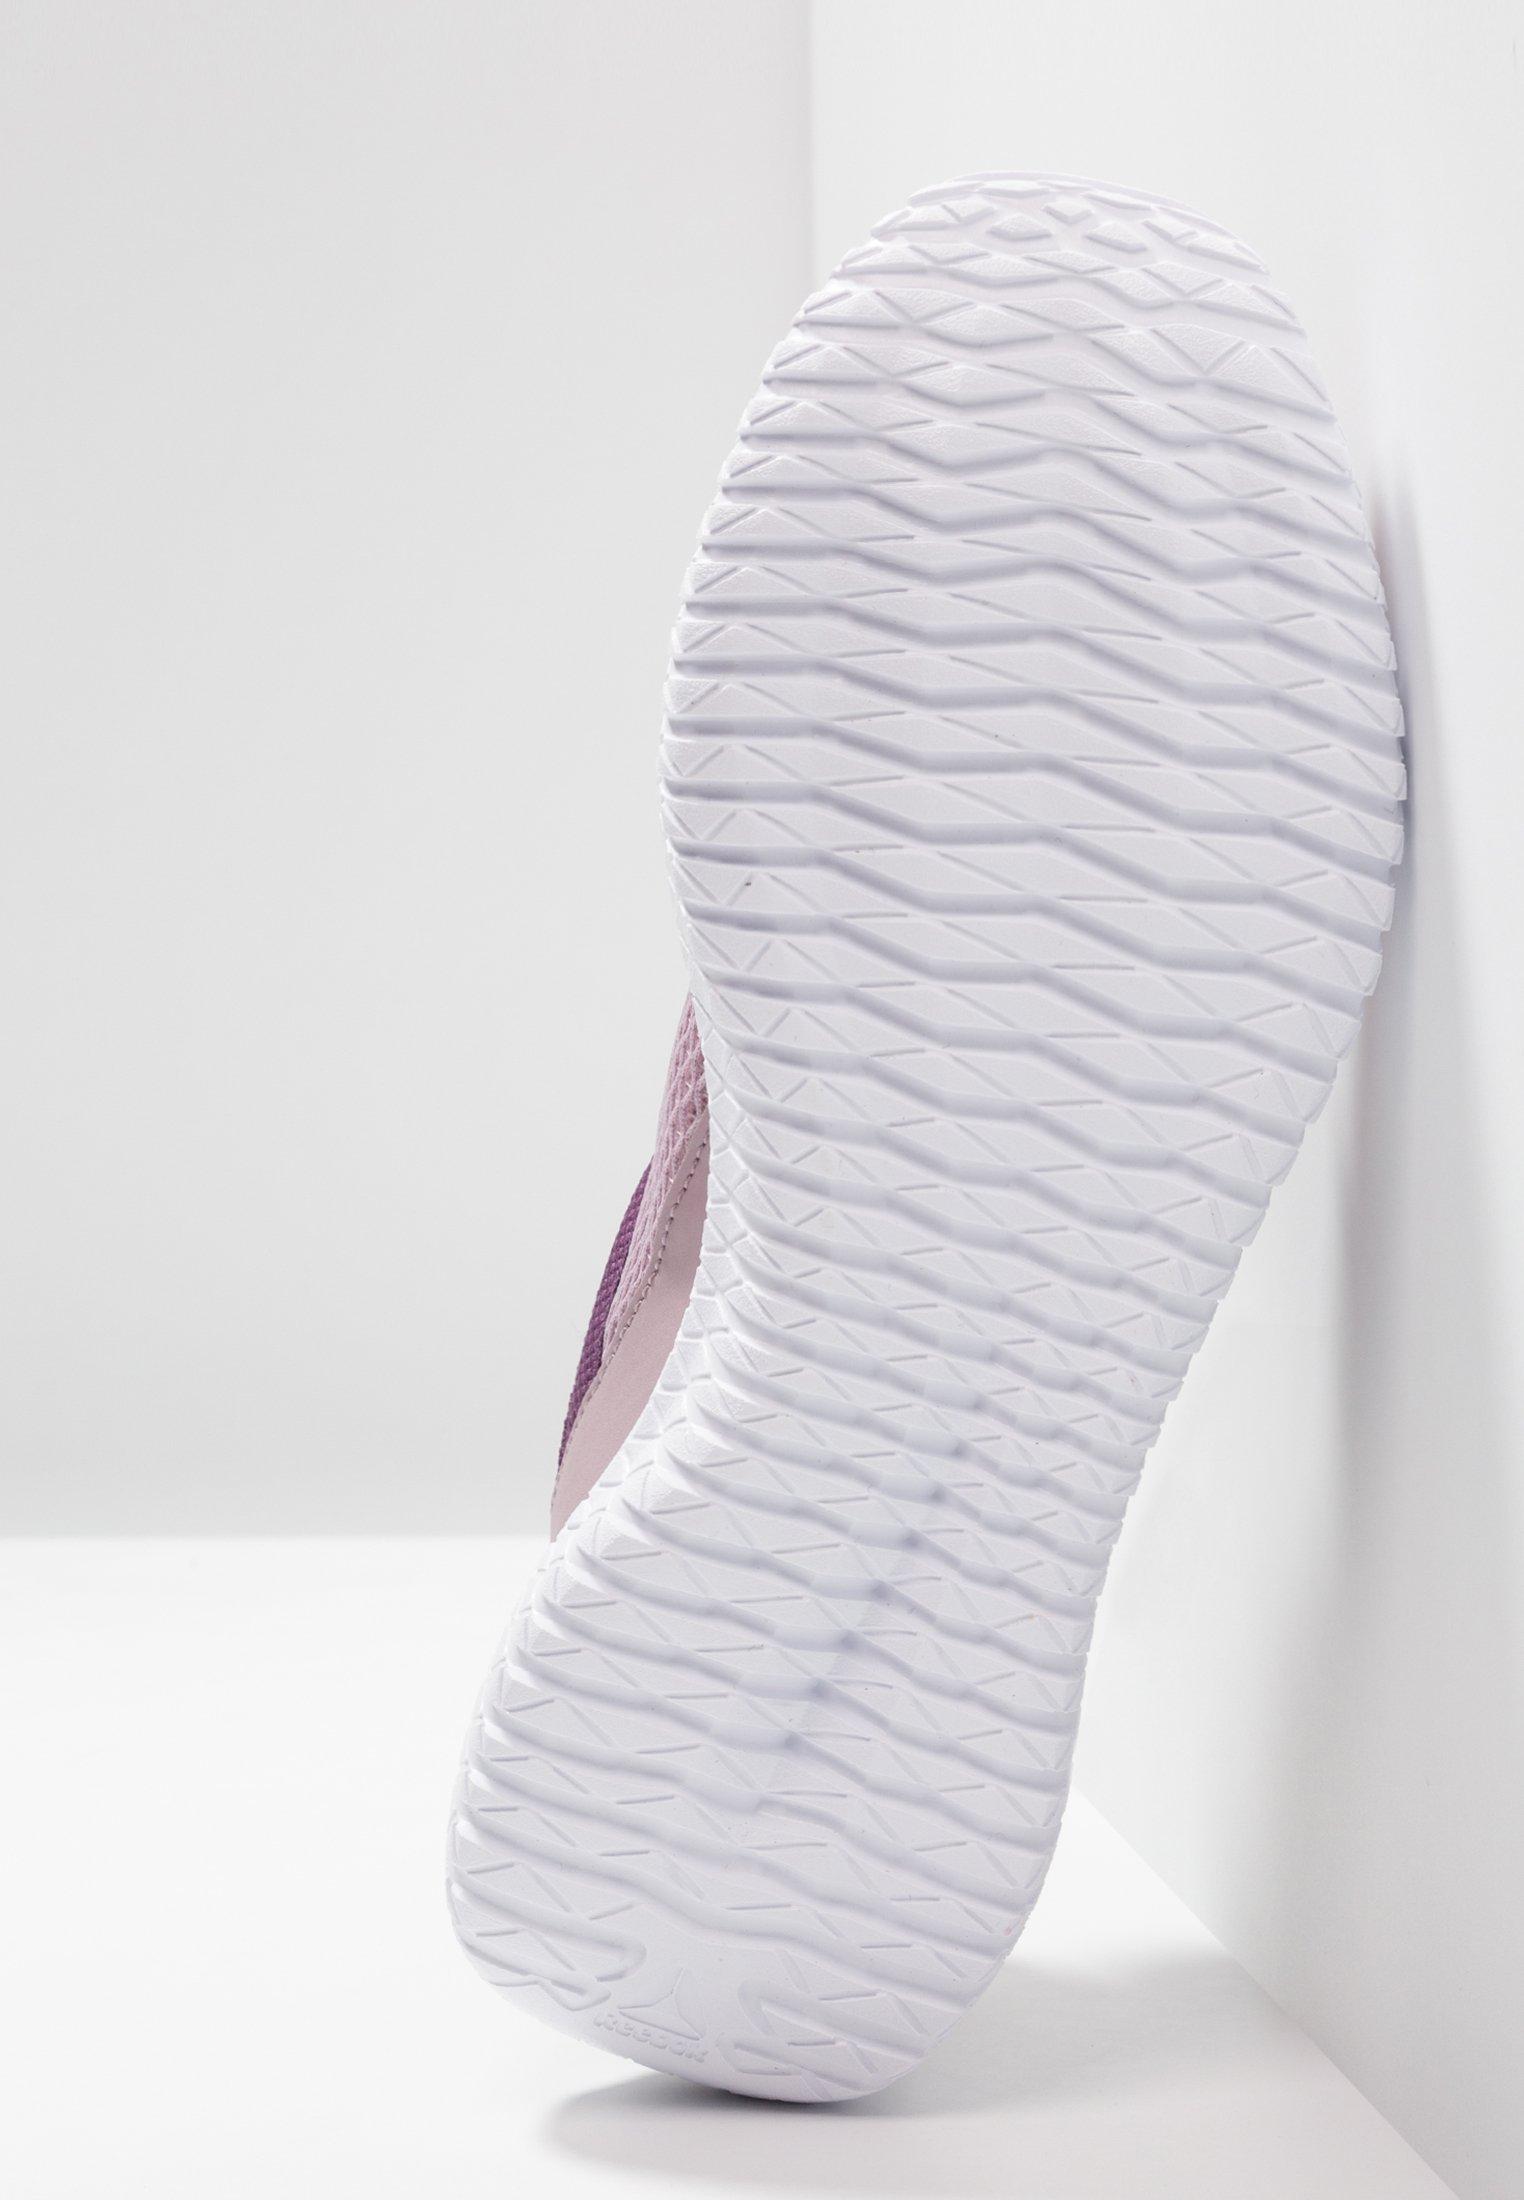 Reebok Flexagon Energy Tr - Chaussures D'entraînement Et De Fitness Lilac/violet/white/guava